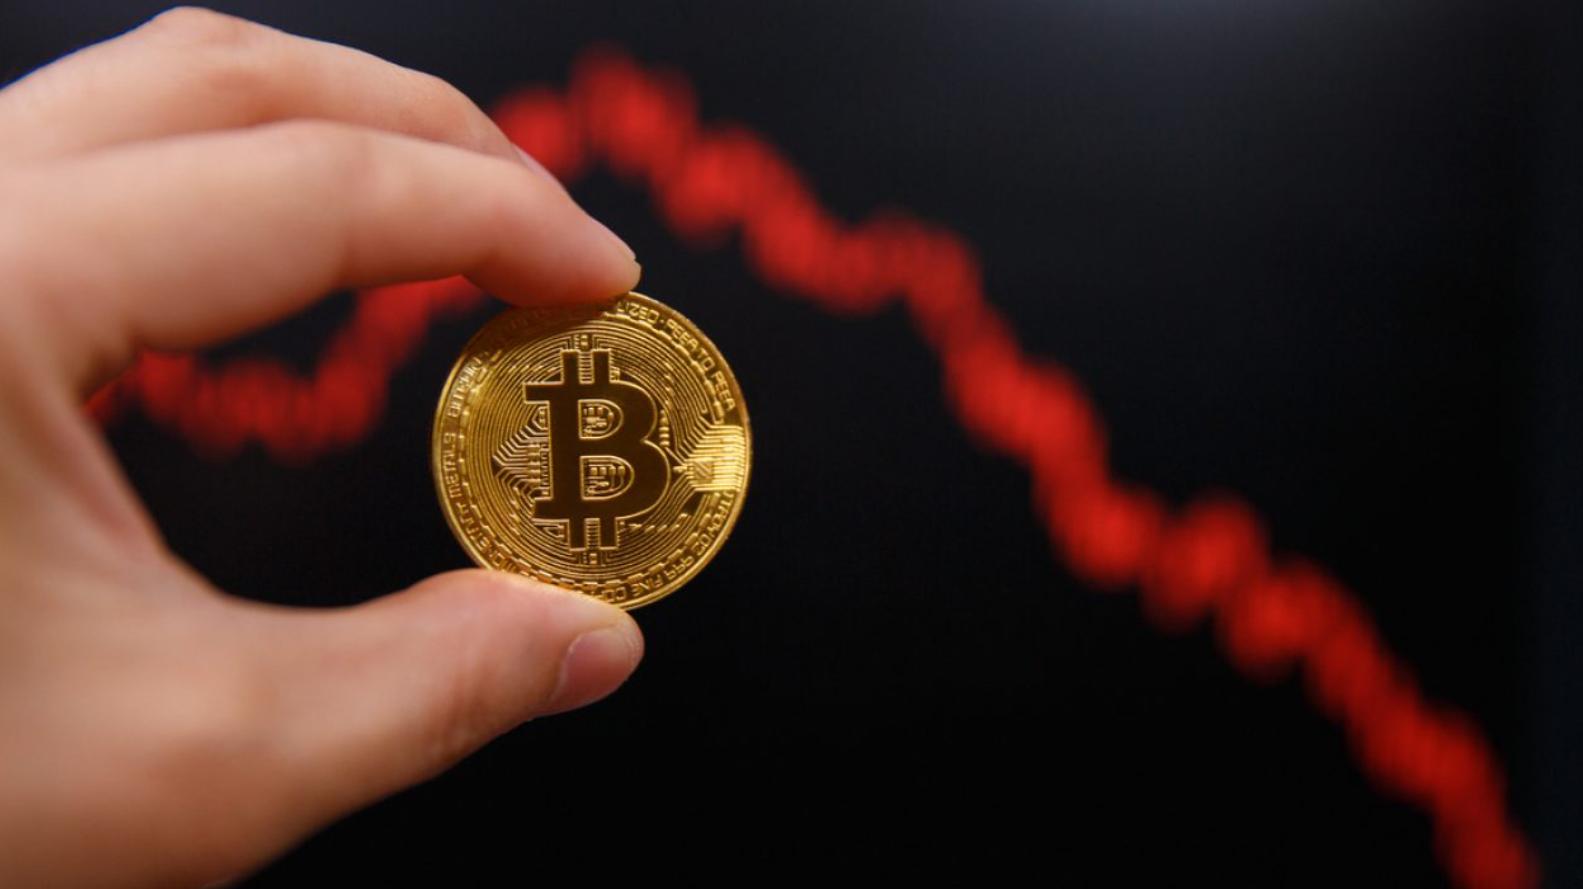 Kurumsallar Bitcoin İle İlgilenmeye Devam Ediyor mu?